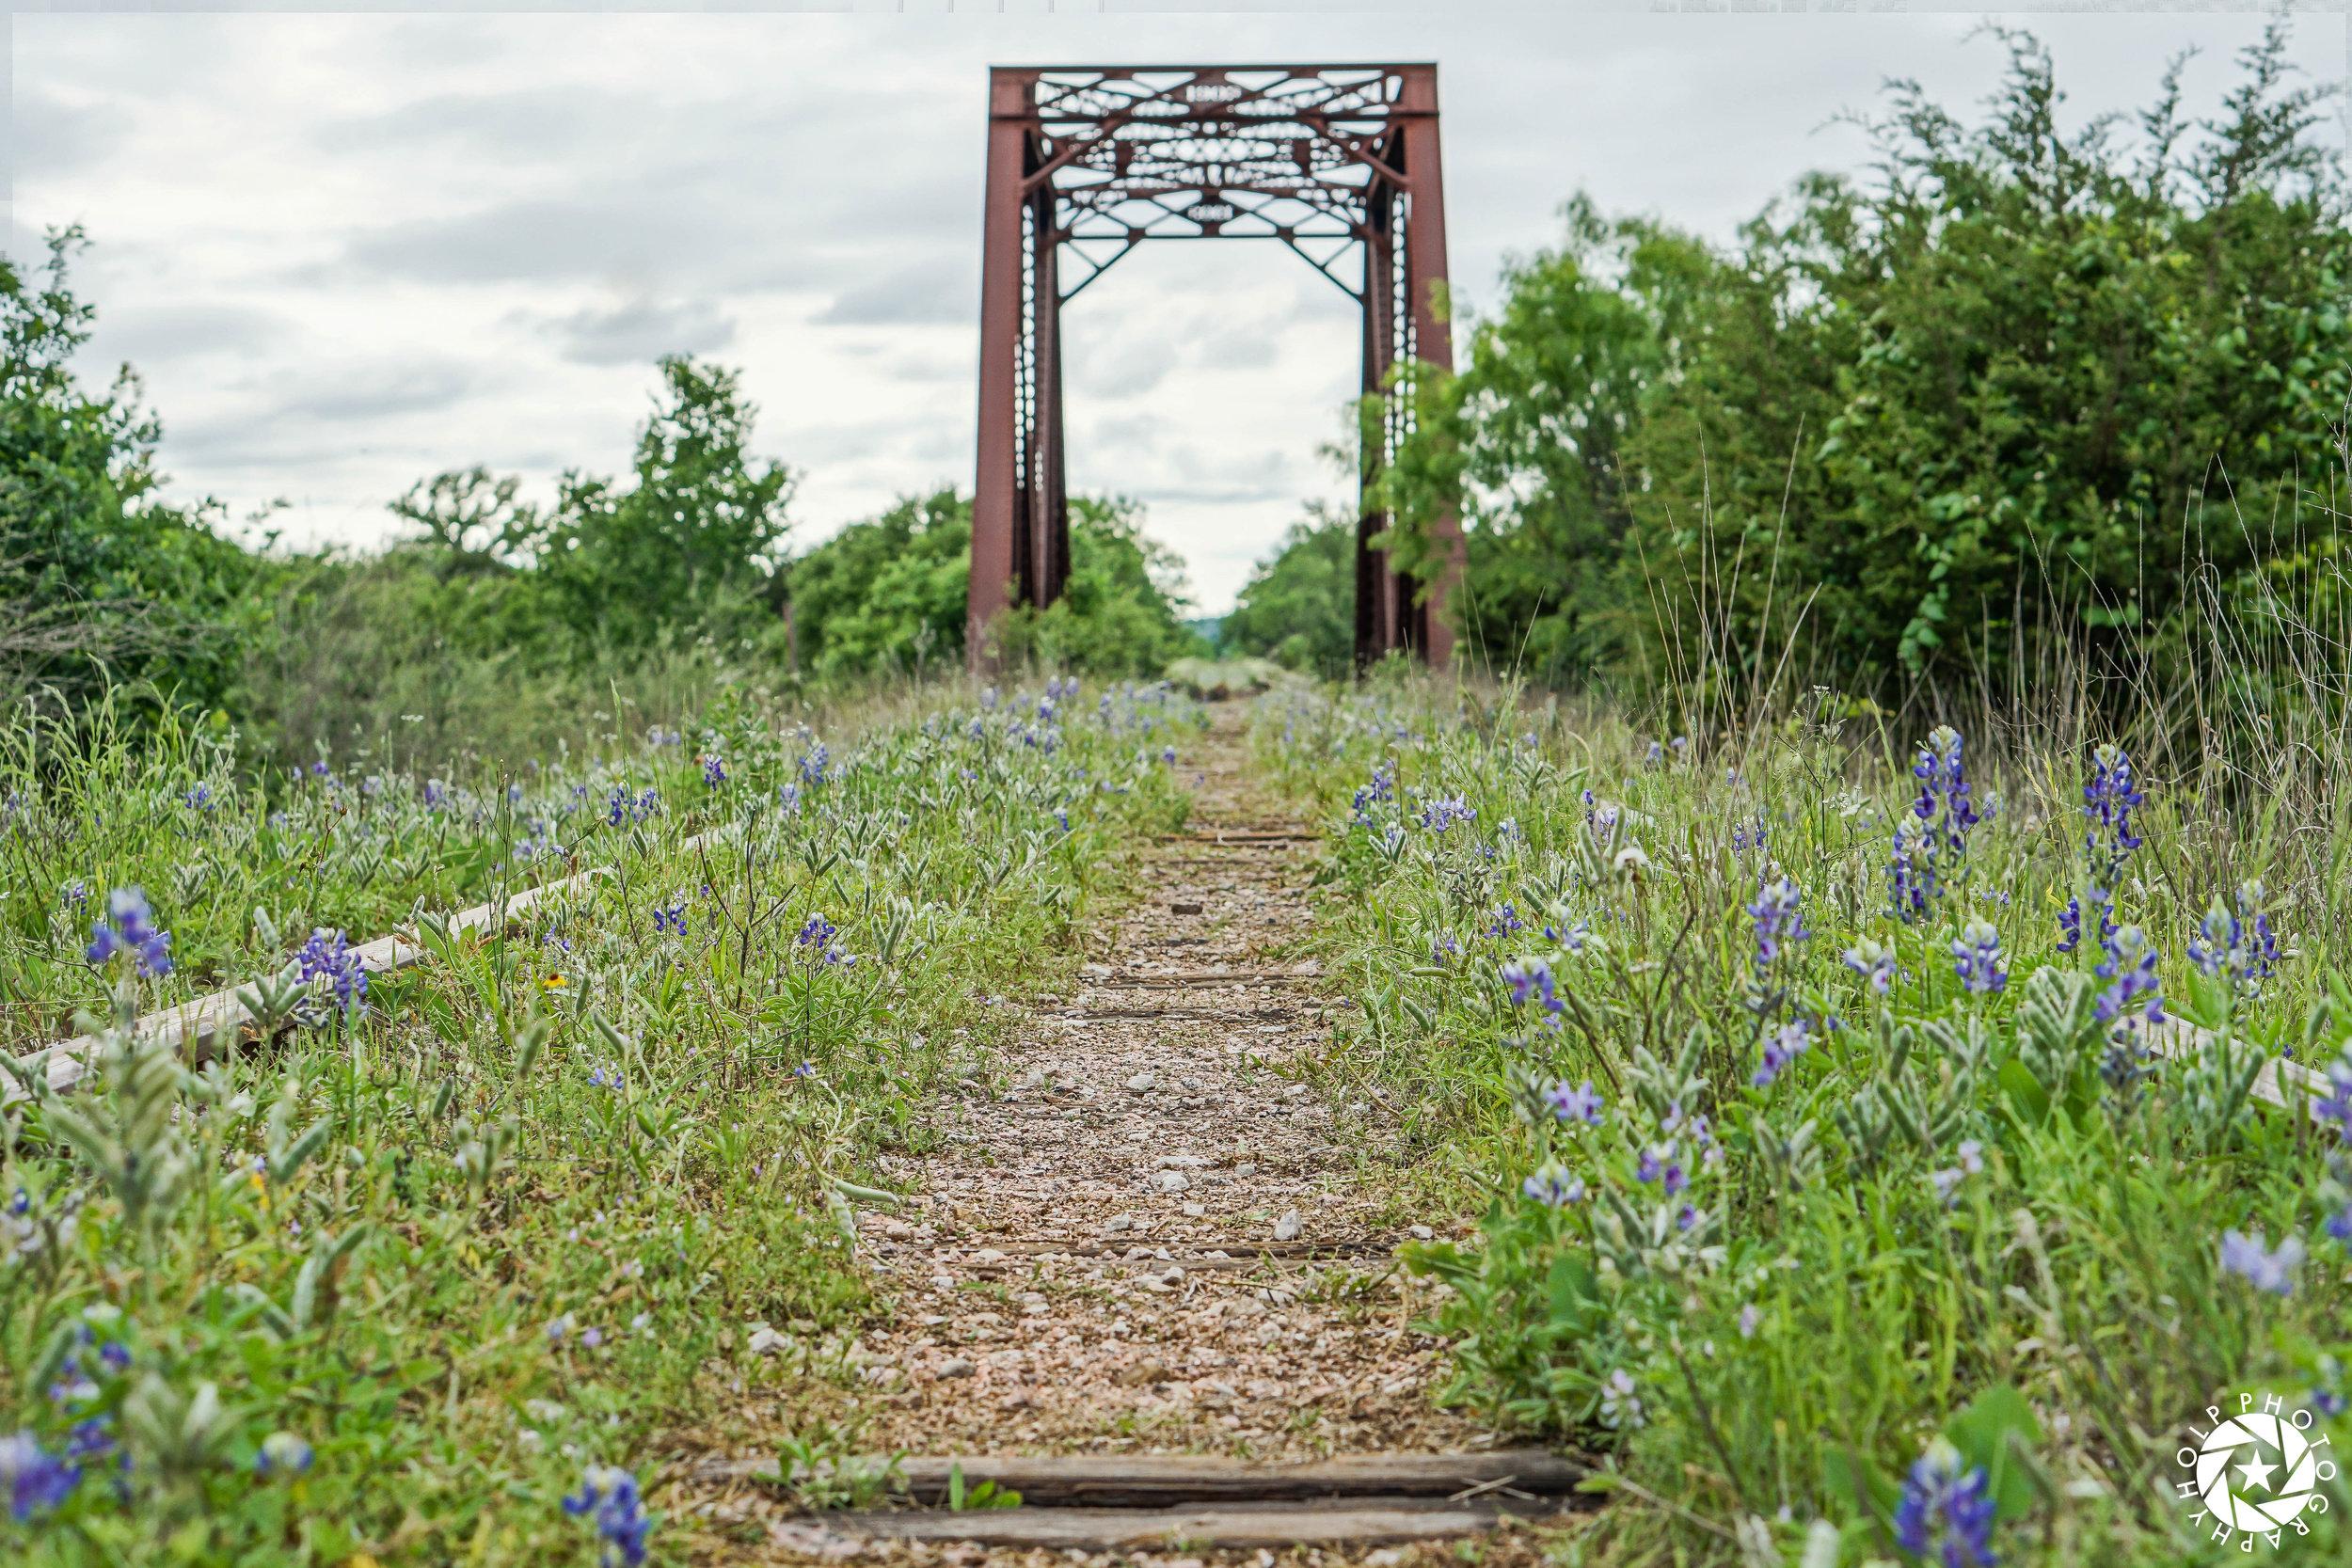 Bluebonnet Bridge in Kingsland, Texas